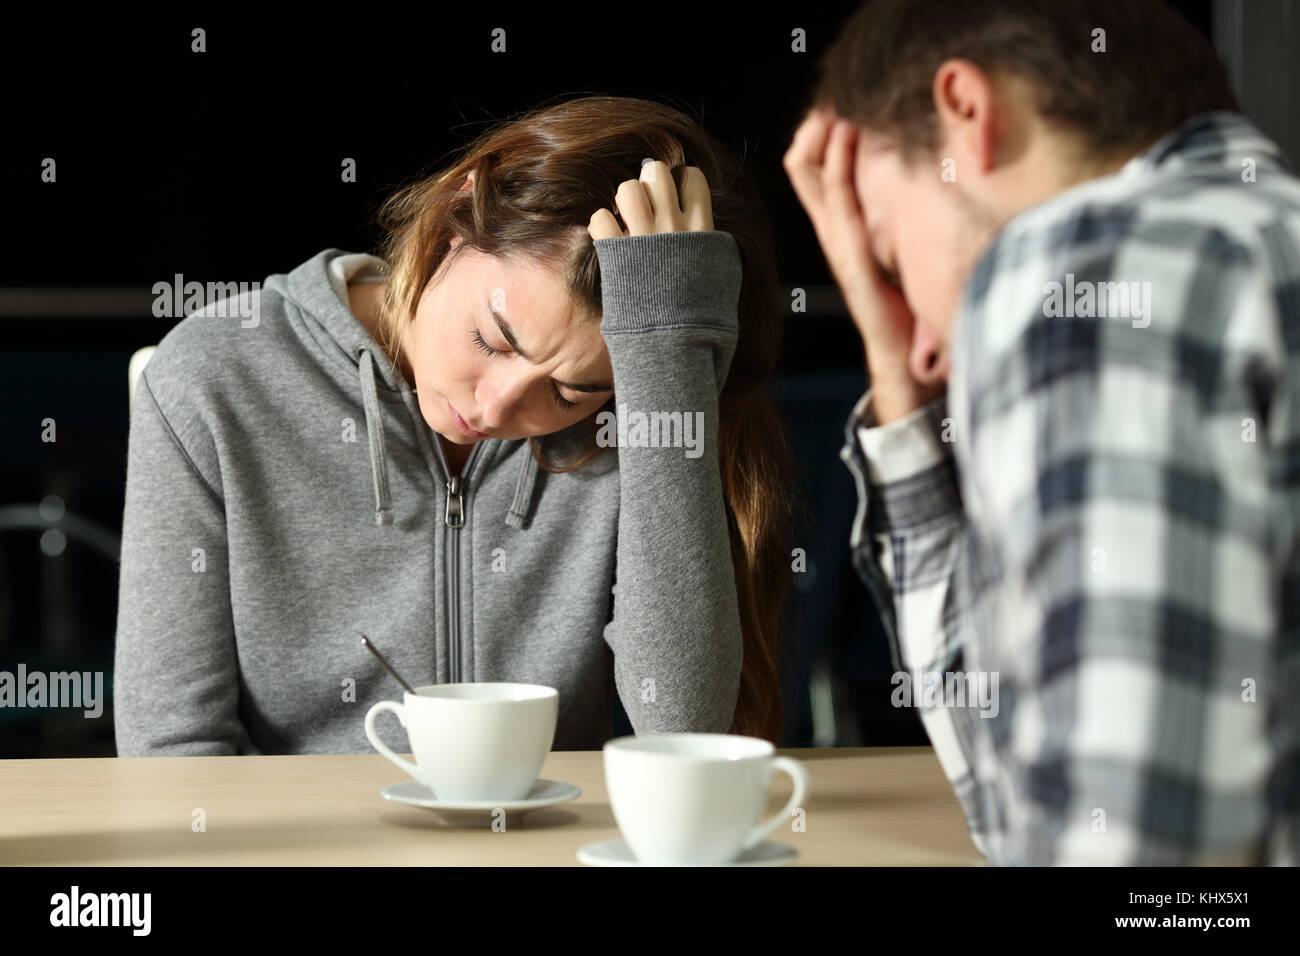 Triste paio di adolescenti lamenta seduto in un bar di notte Immagini Stock